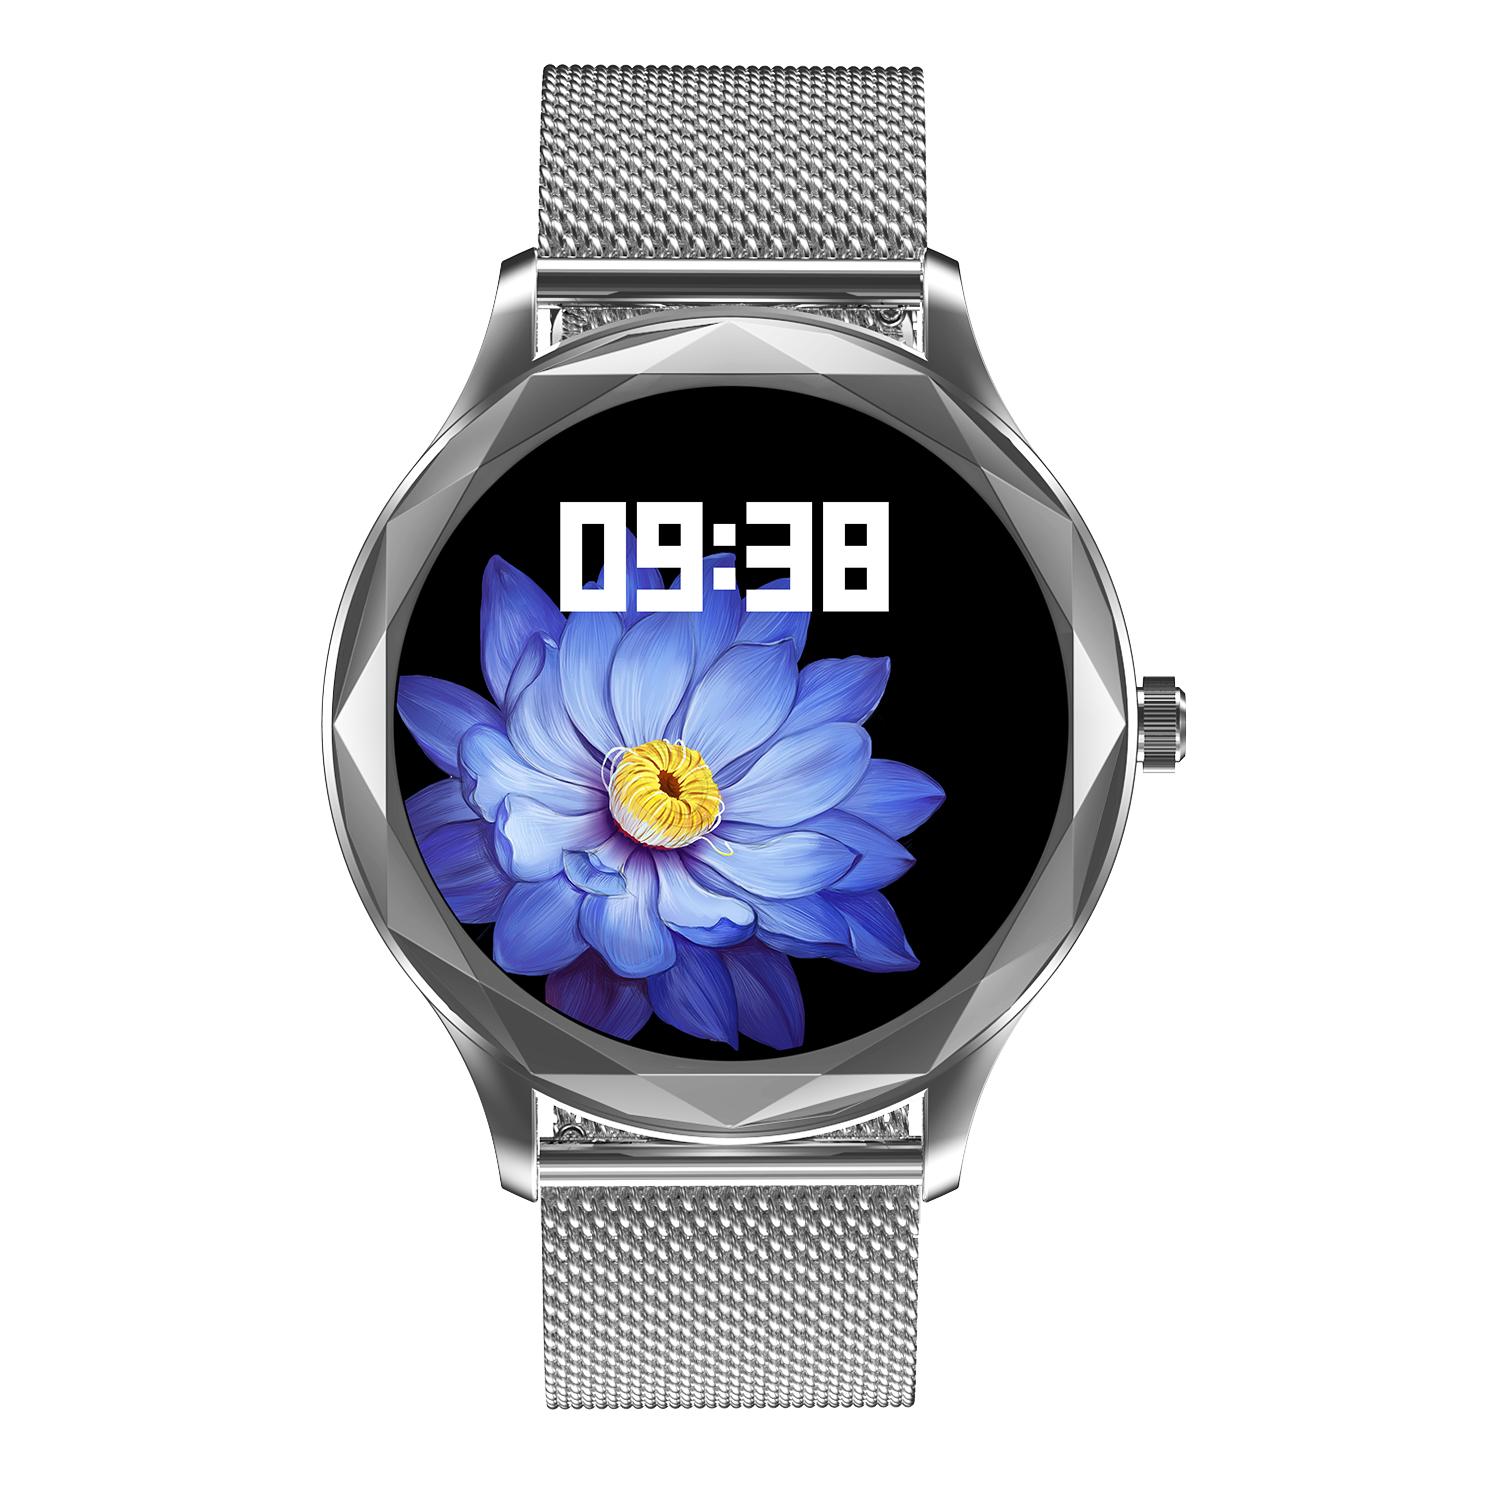 Dt86 Men Women Smart Watch Heart Rate Blood Pressure Monitor Sports Ip67 Waterproof Bluetooth Smartwatch 02 steel belt-silver